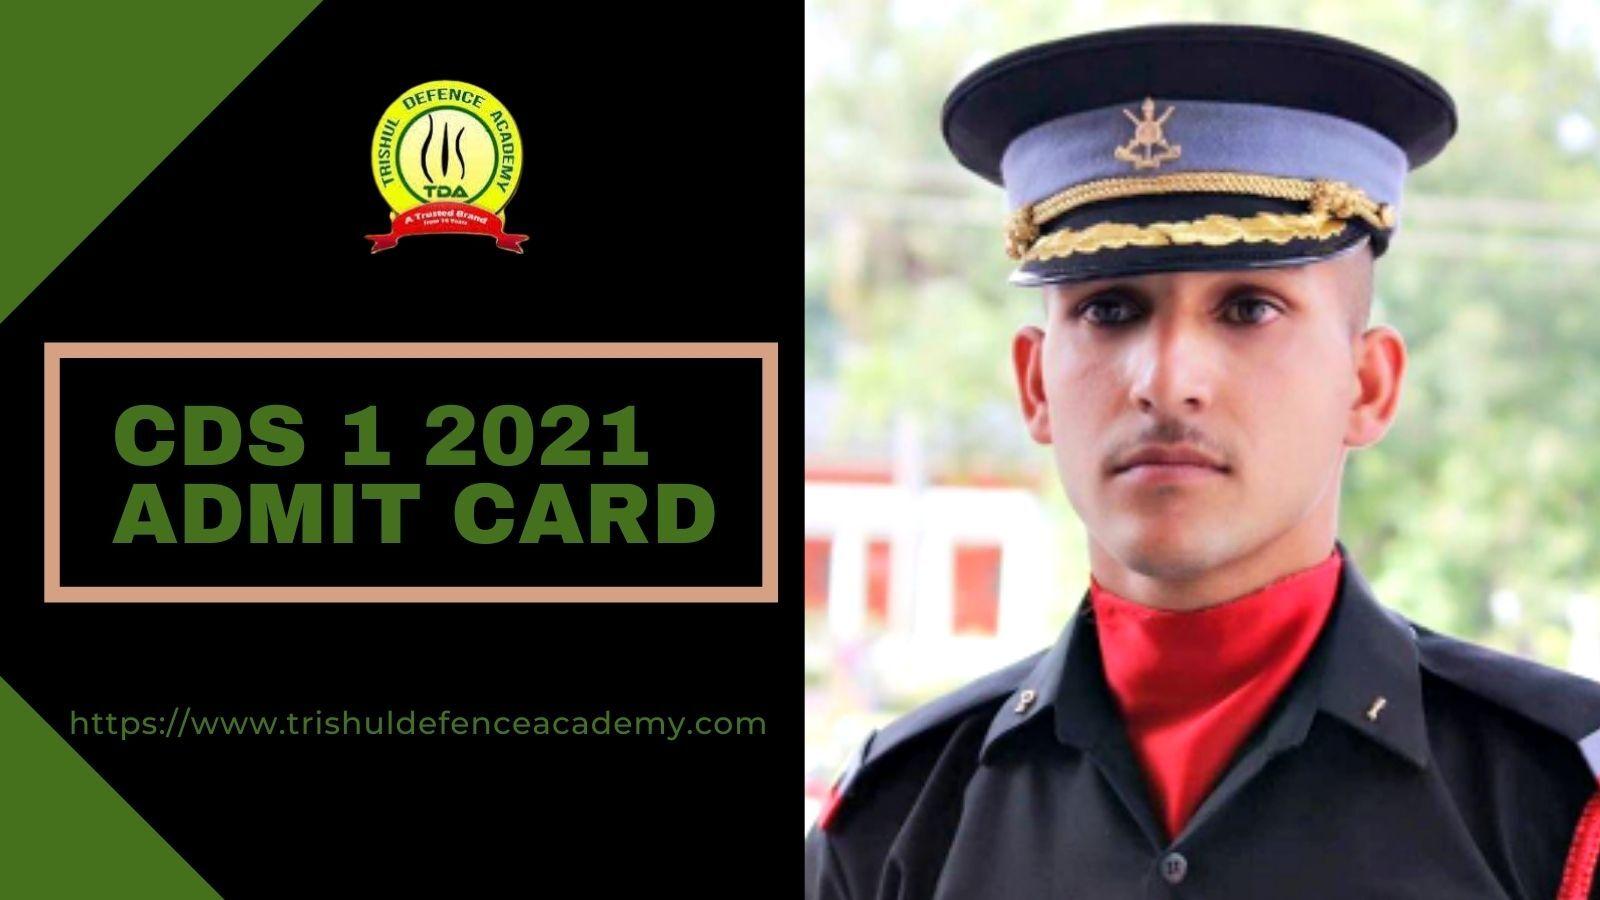 CDS 1 2021 Admit Card